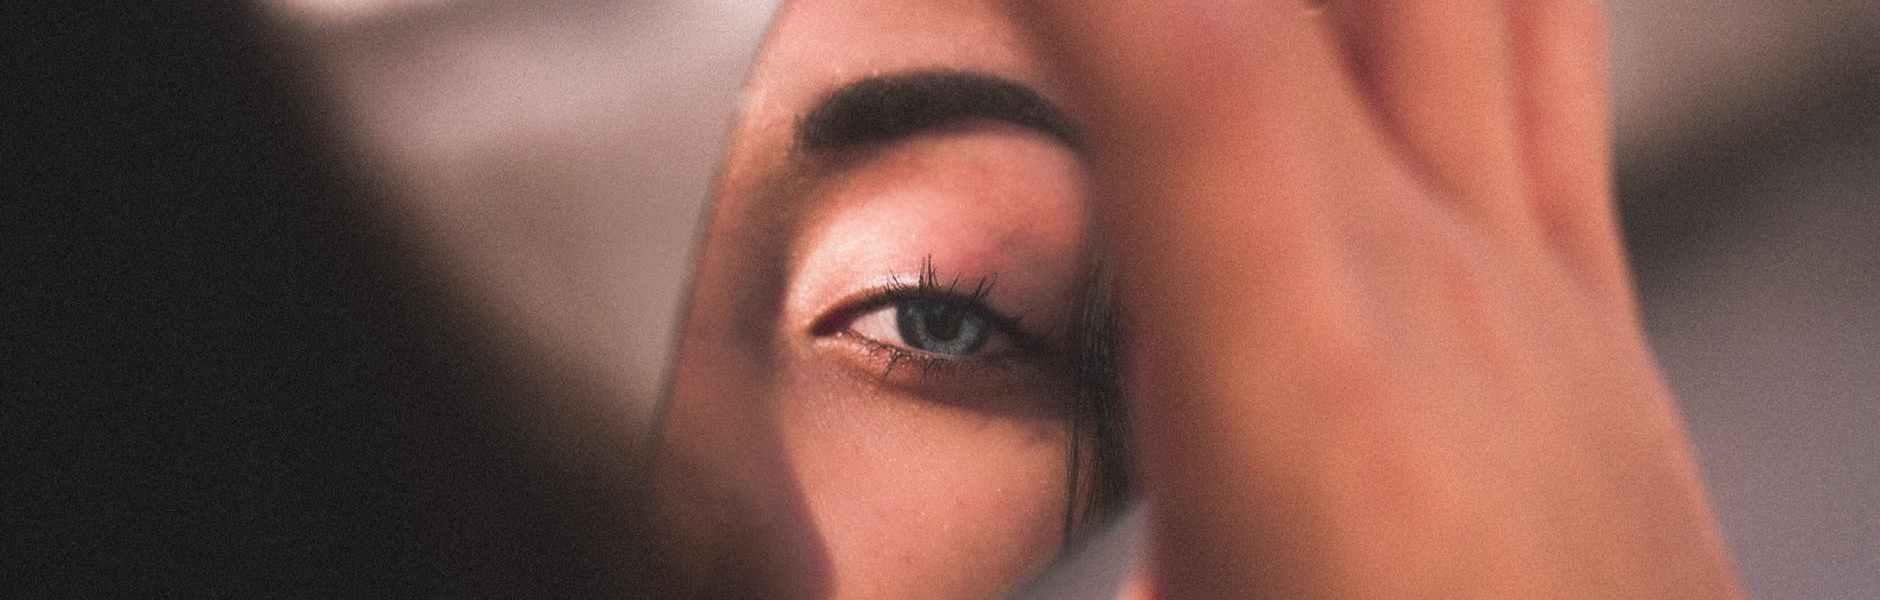 Mas(a)k(r)iranje na hrvatski način, Ogledala, Što vidiš kad se pogledaš u oči?